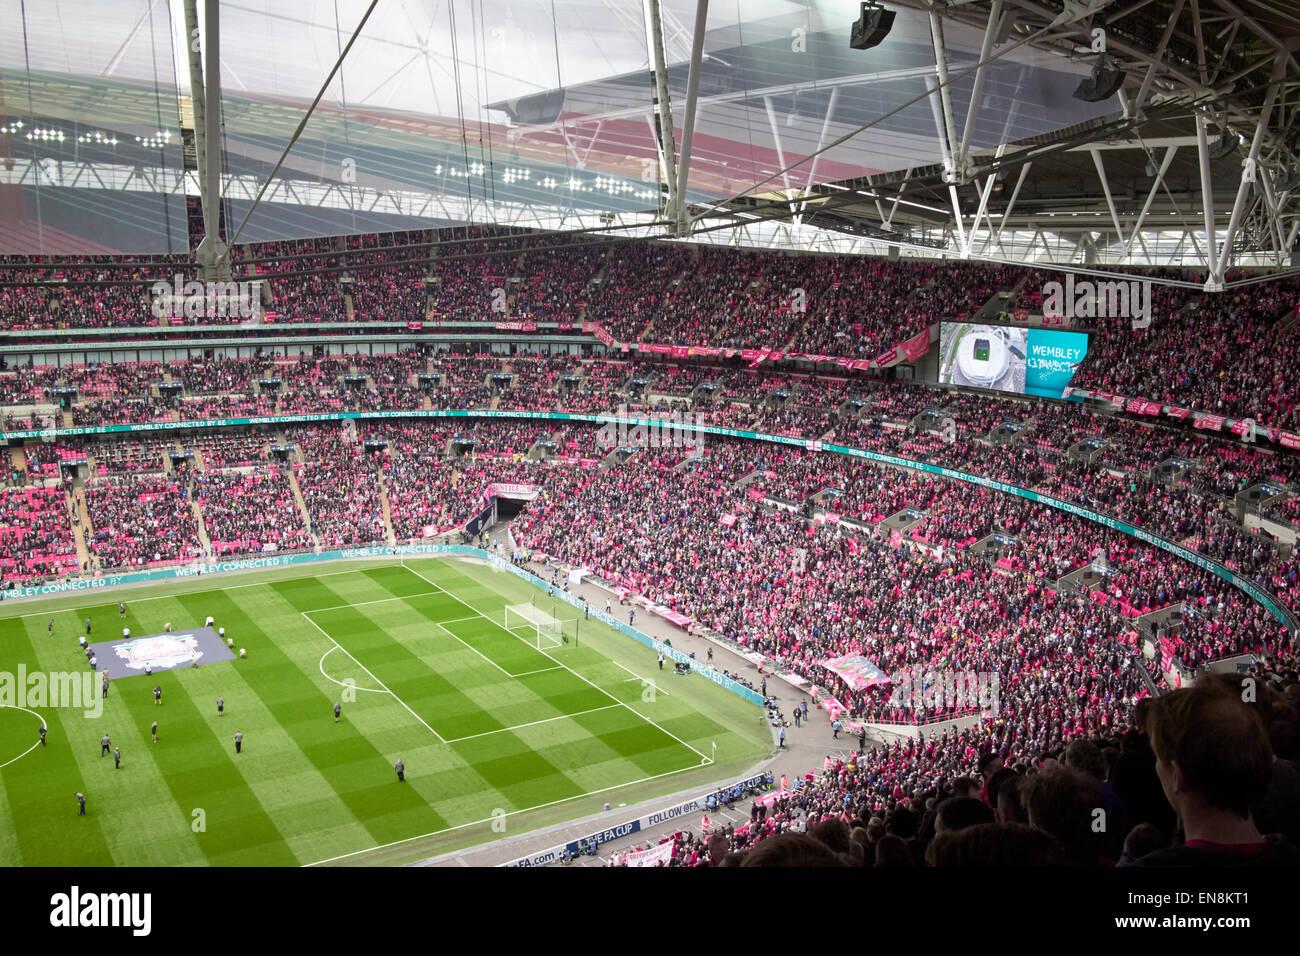 interior of Wembley stadium on match day London UK - Stock Image